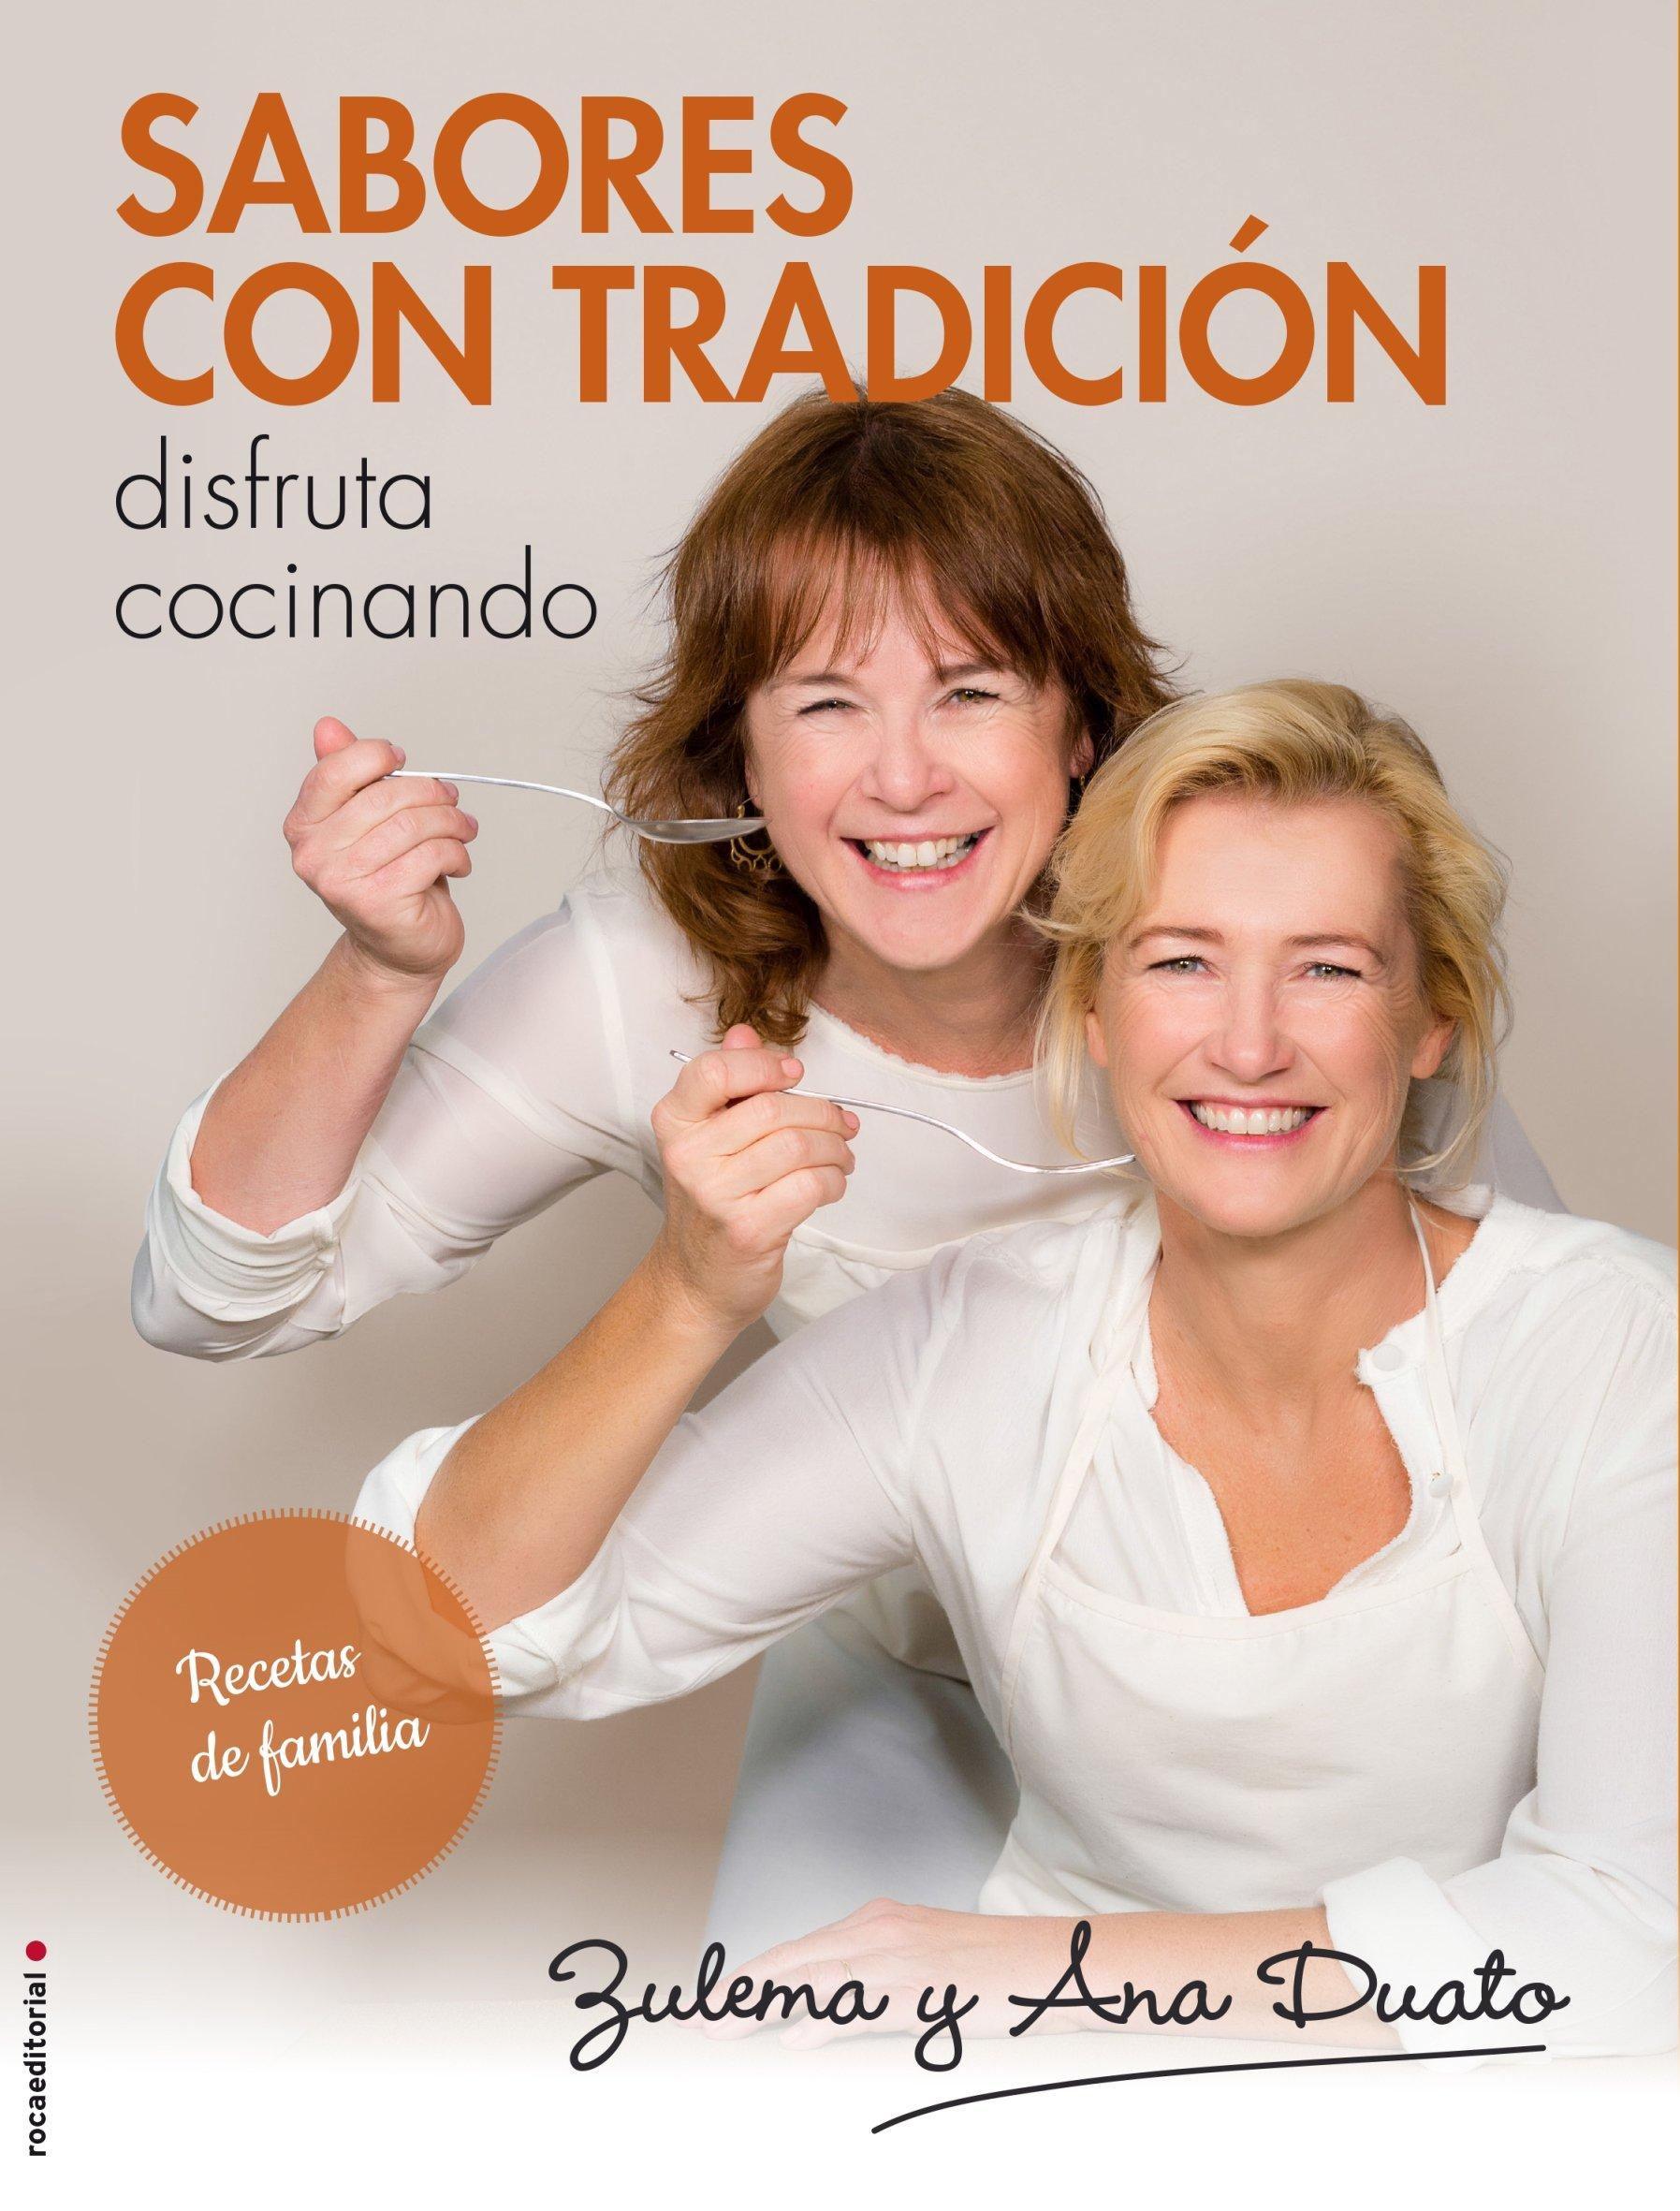 Book Cover: Sabores con tradicion